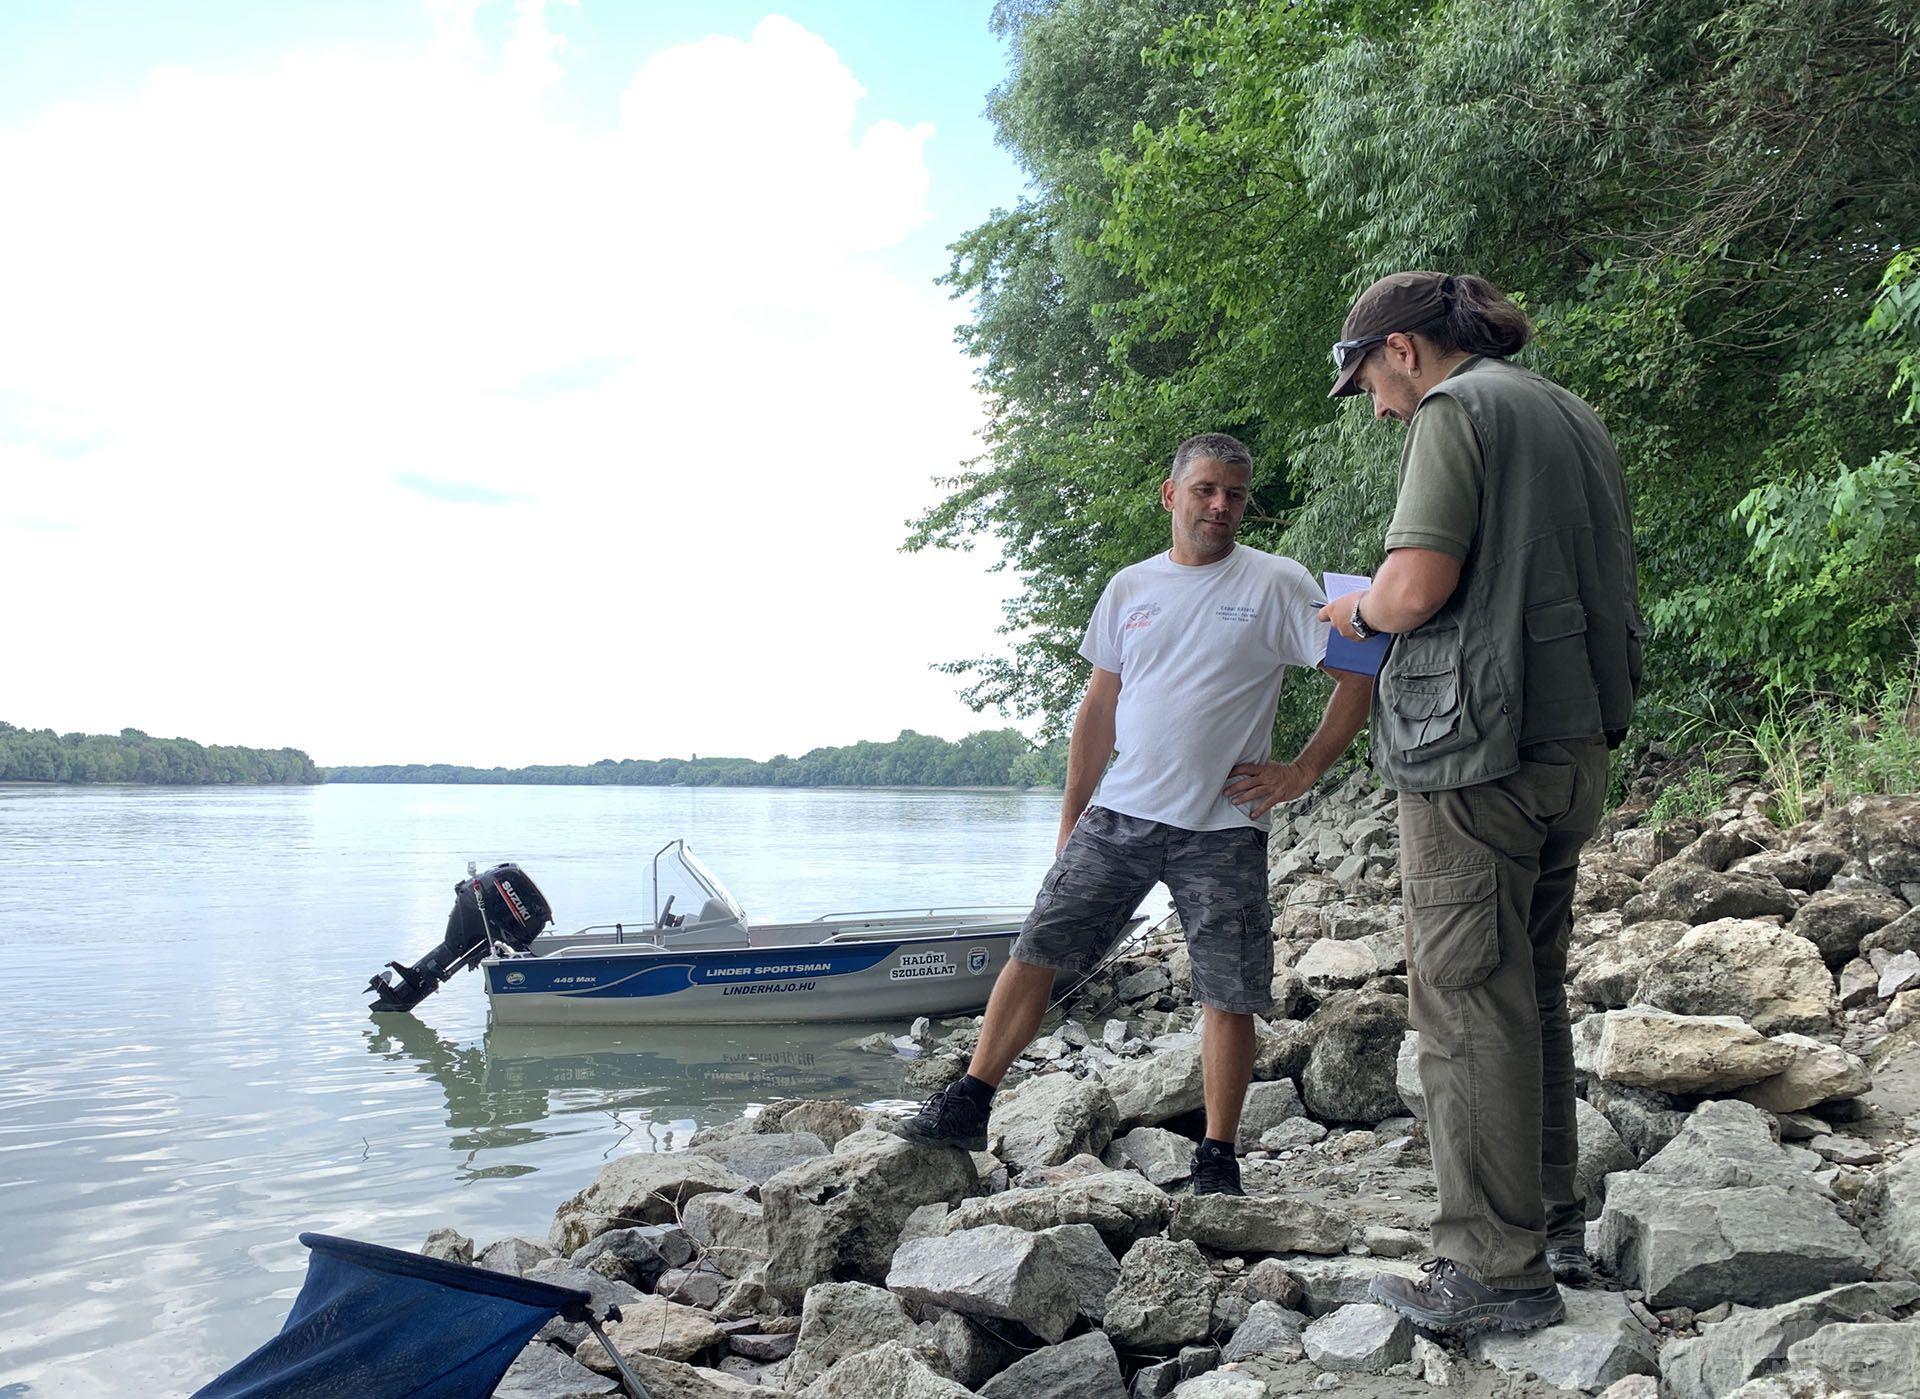 A jó hír futótűzként terjed, soha nem látott mennyiségű horgász látogat el a Duna-partra. Sokan azonban azt hiszik, hogy itt bármit szabad…! Hát NEM! A halőrzés folyamatos, a nap bármelyik percében, vízen vagy szárazföldön találkozhatunk halőrökkel!